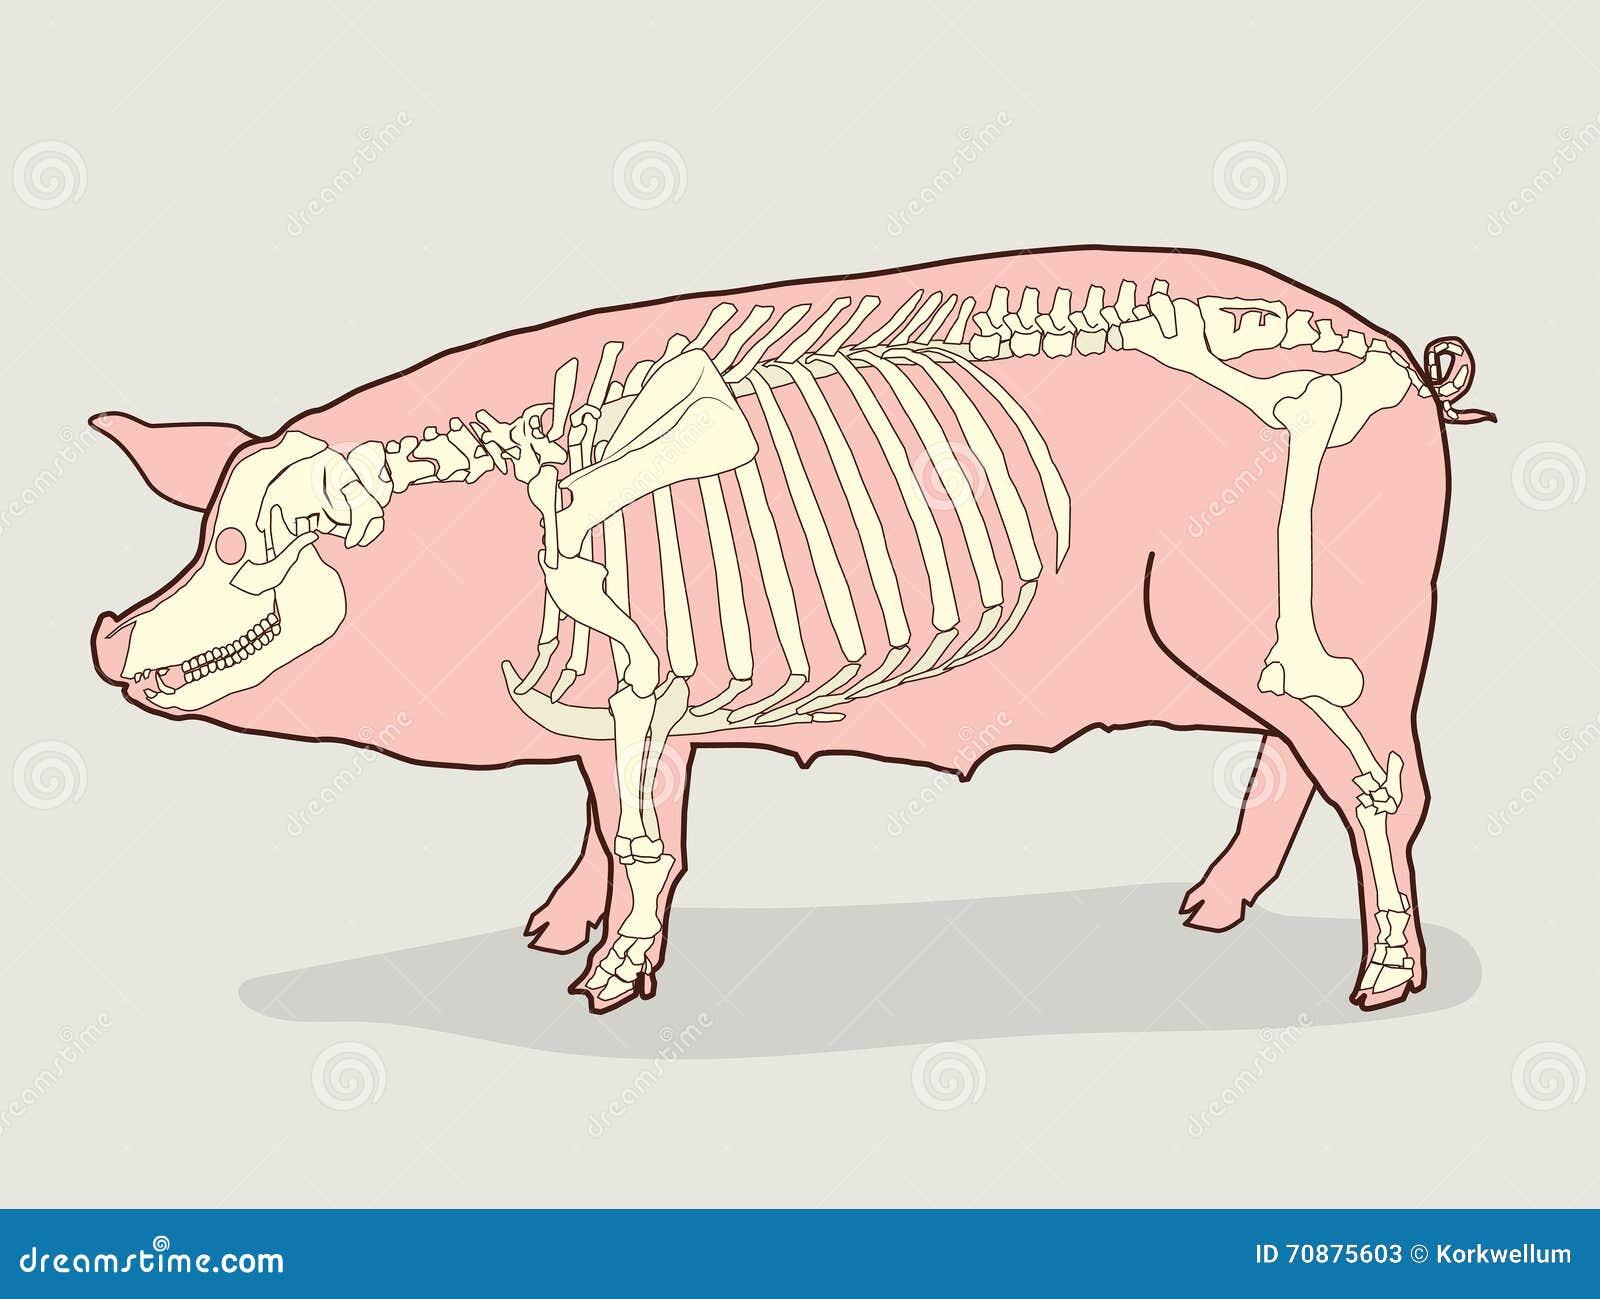 pig skeleton. vector illustration. pig skeleton diagram ... pig bone diagram fetal pig esophagus diagram